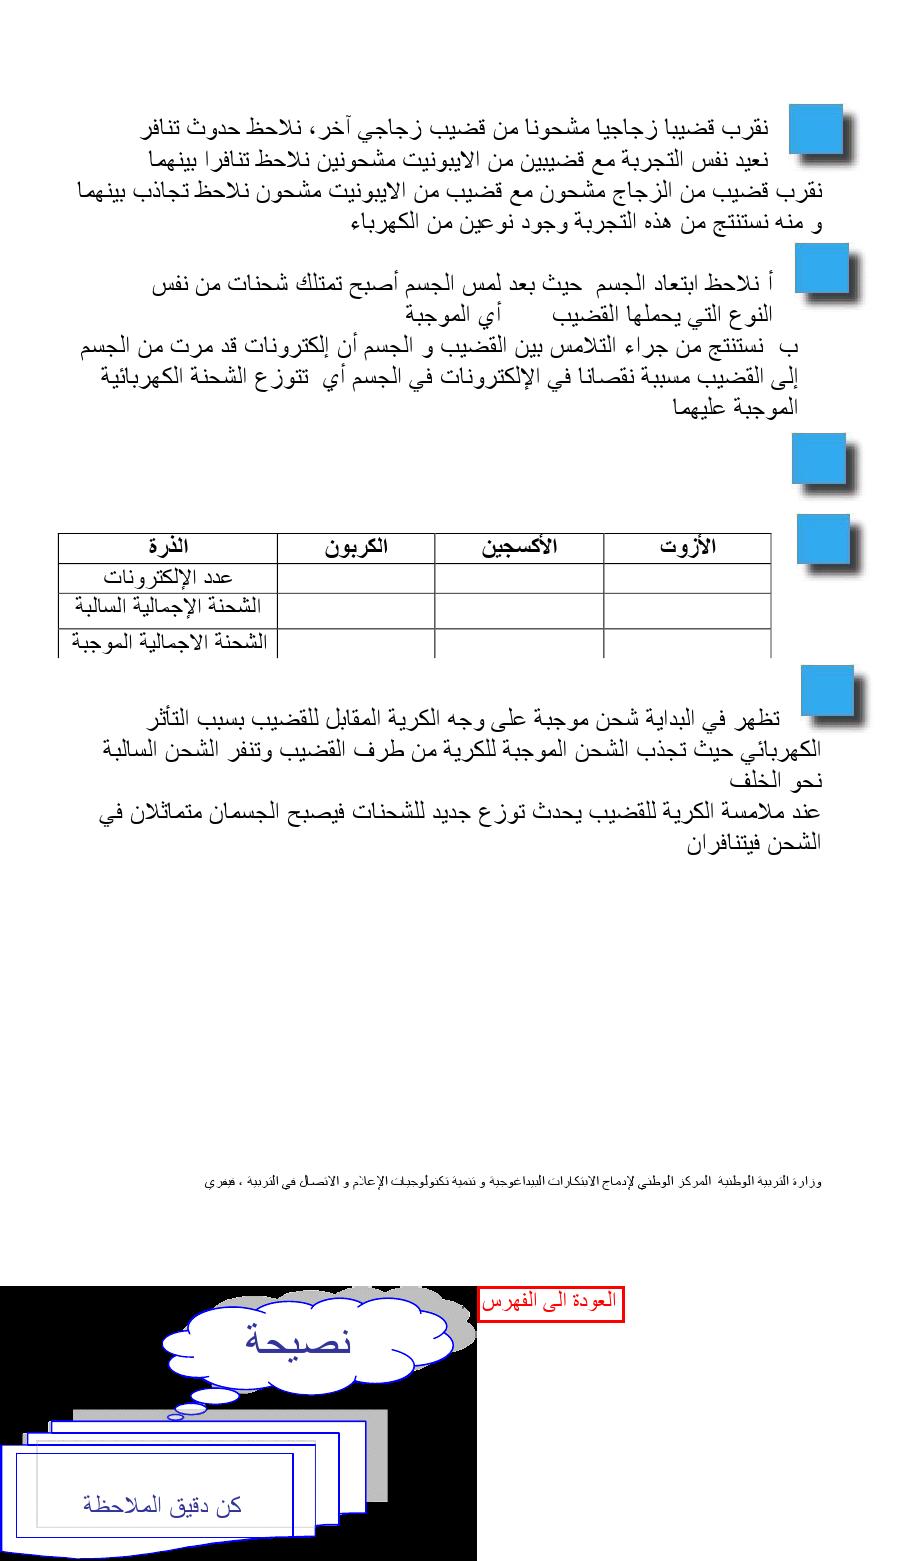 ملخصات، تمارين و مواضيع مع الحل  في العلوم الفيزيائية 4 متوسط 23-3ab0d5a0c5